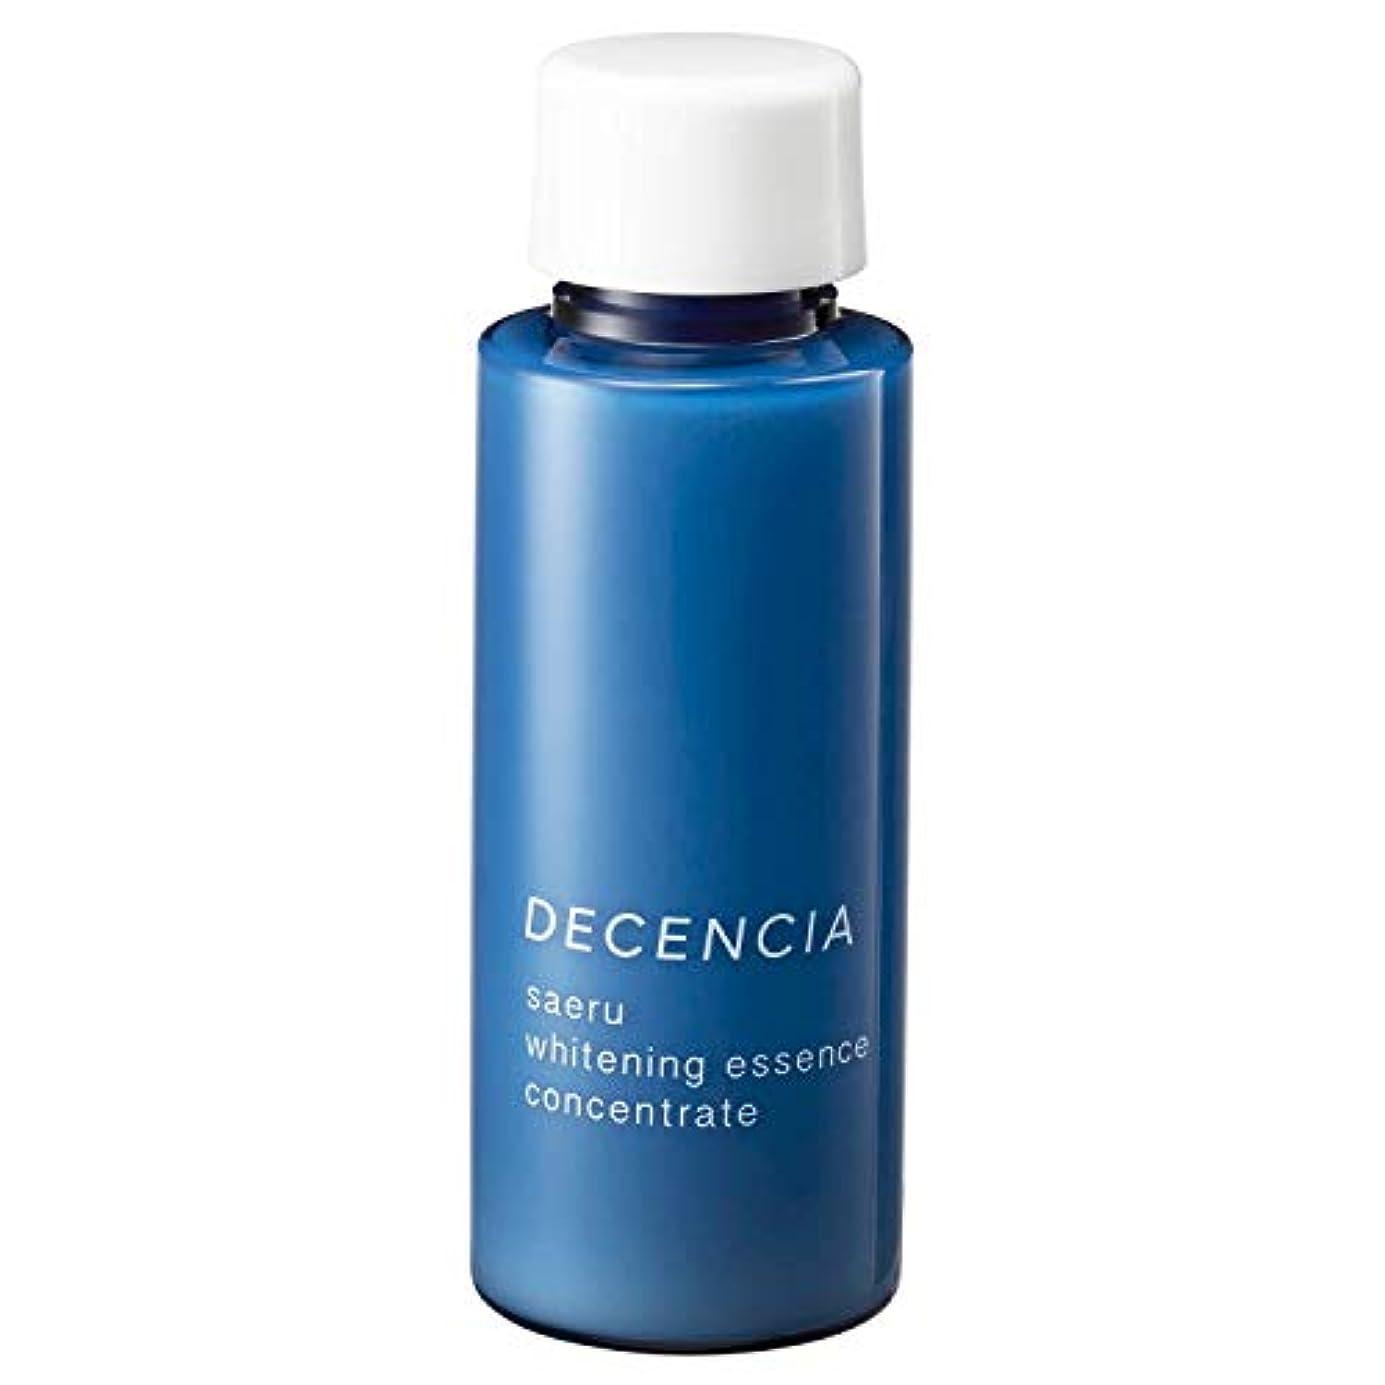 エトナ山欲求不満理想的DECENCIA(ディセンシア)サエル ホワイトニング エッセンス コンセントレート美容液詰替え用